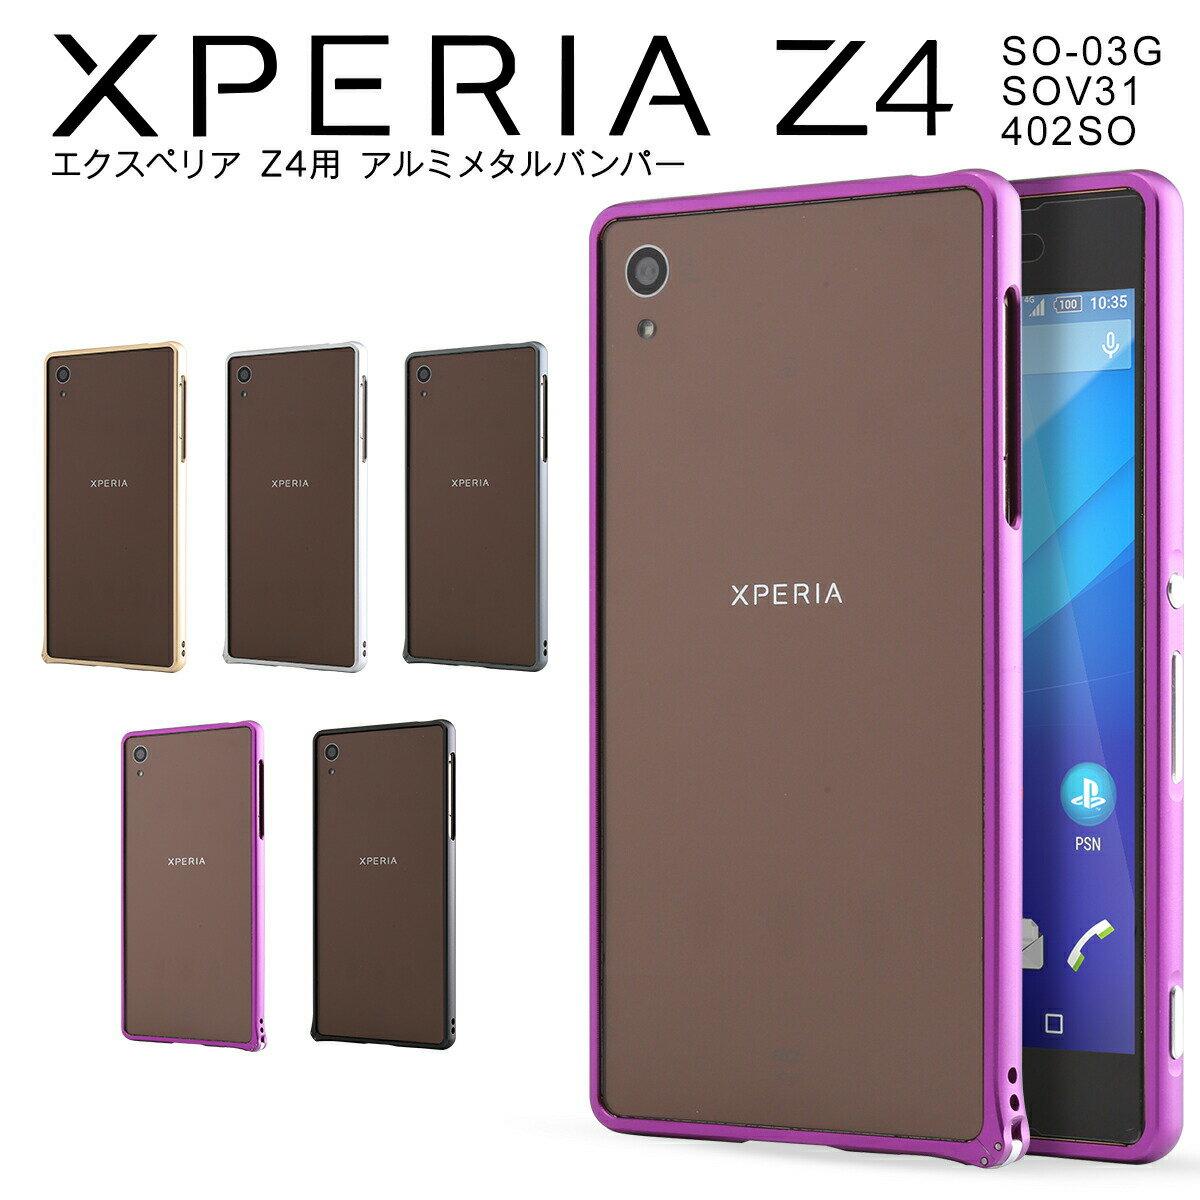 エクスペリアZ4 XperiaZ4 SO-03G SOV31 アルミ メタル バンパー 側面 | スマホ ケース スマホ カバー 軽量 簡単装着 工具不要 側面保護 スマホケース スマフォケース スマフォ Android アンドロイド 携帯カバー 携帯ケース スマホカバー 送料無料